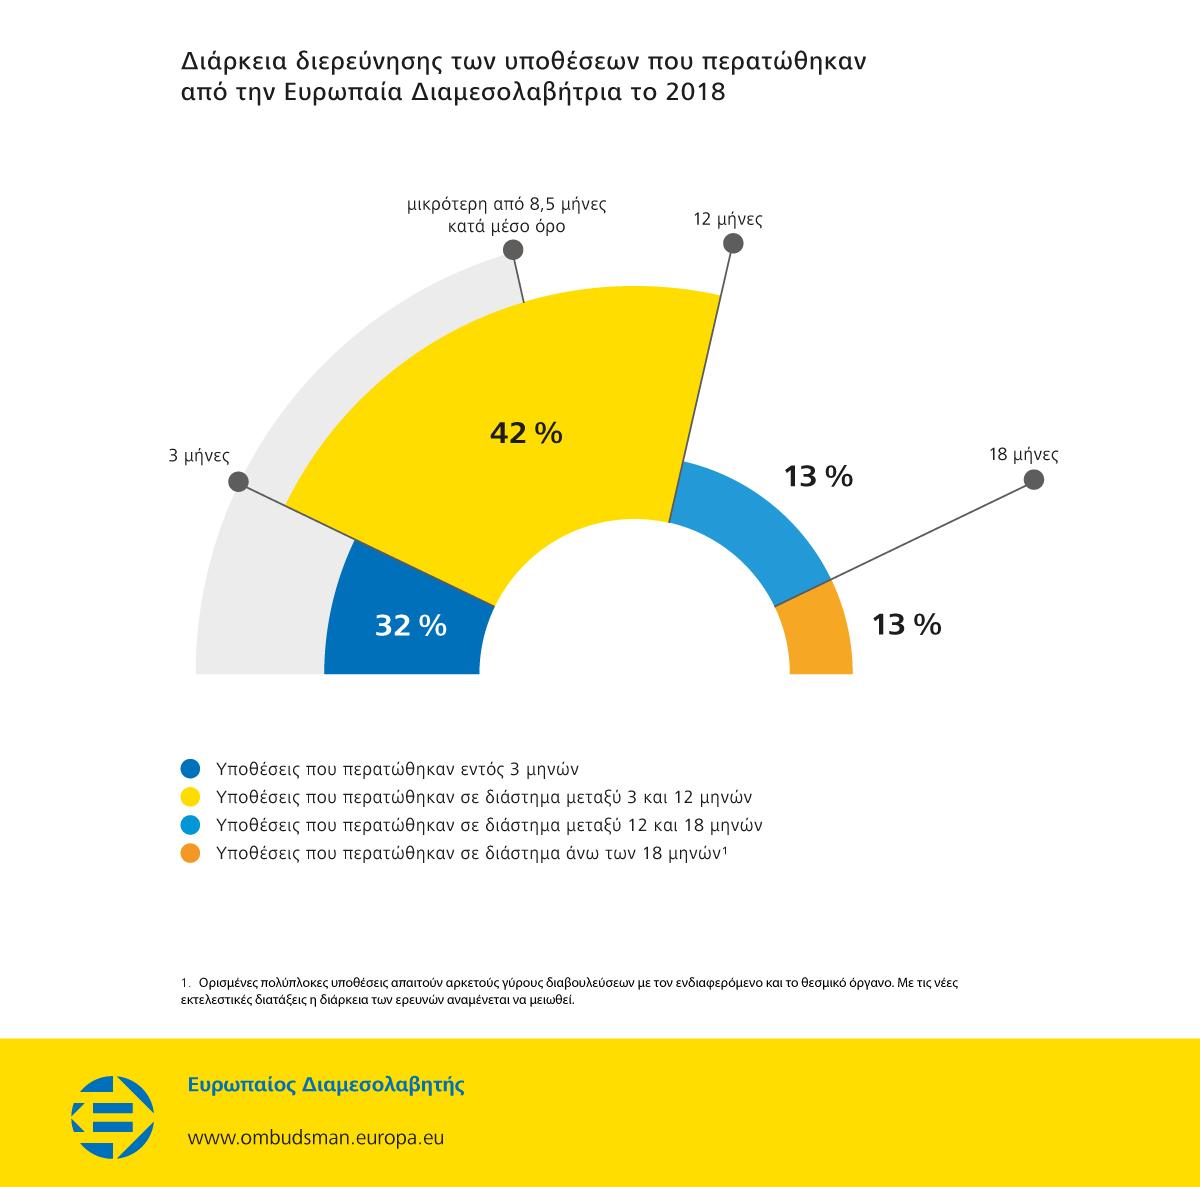 Διάρκεια διερεύνησης των υποθέσεων που περατώθηκαν από την Ευρωπαία Διαμεσολαβήτρια το 2018